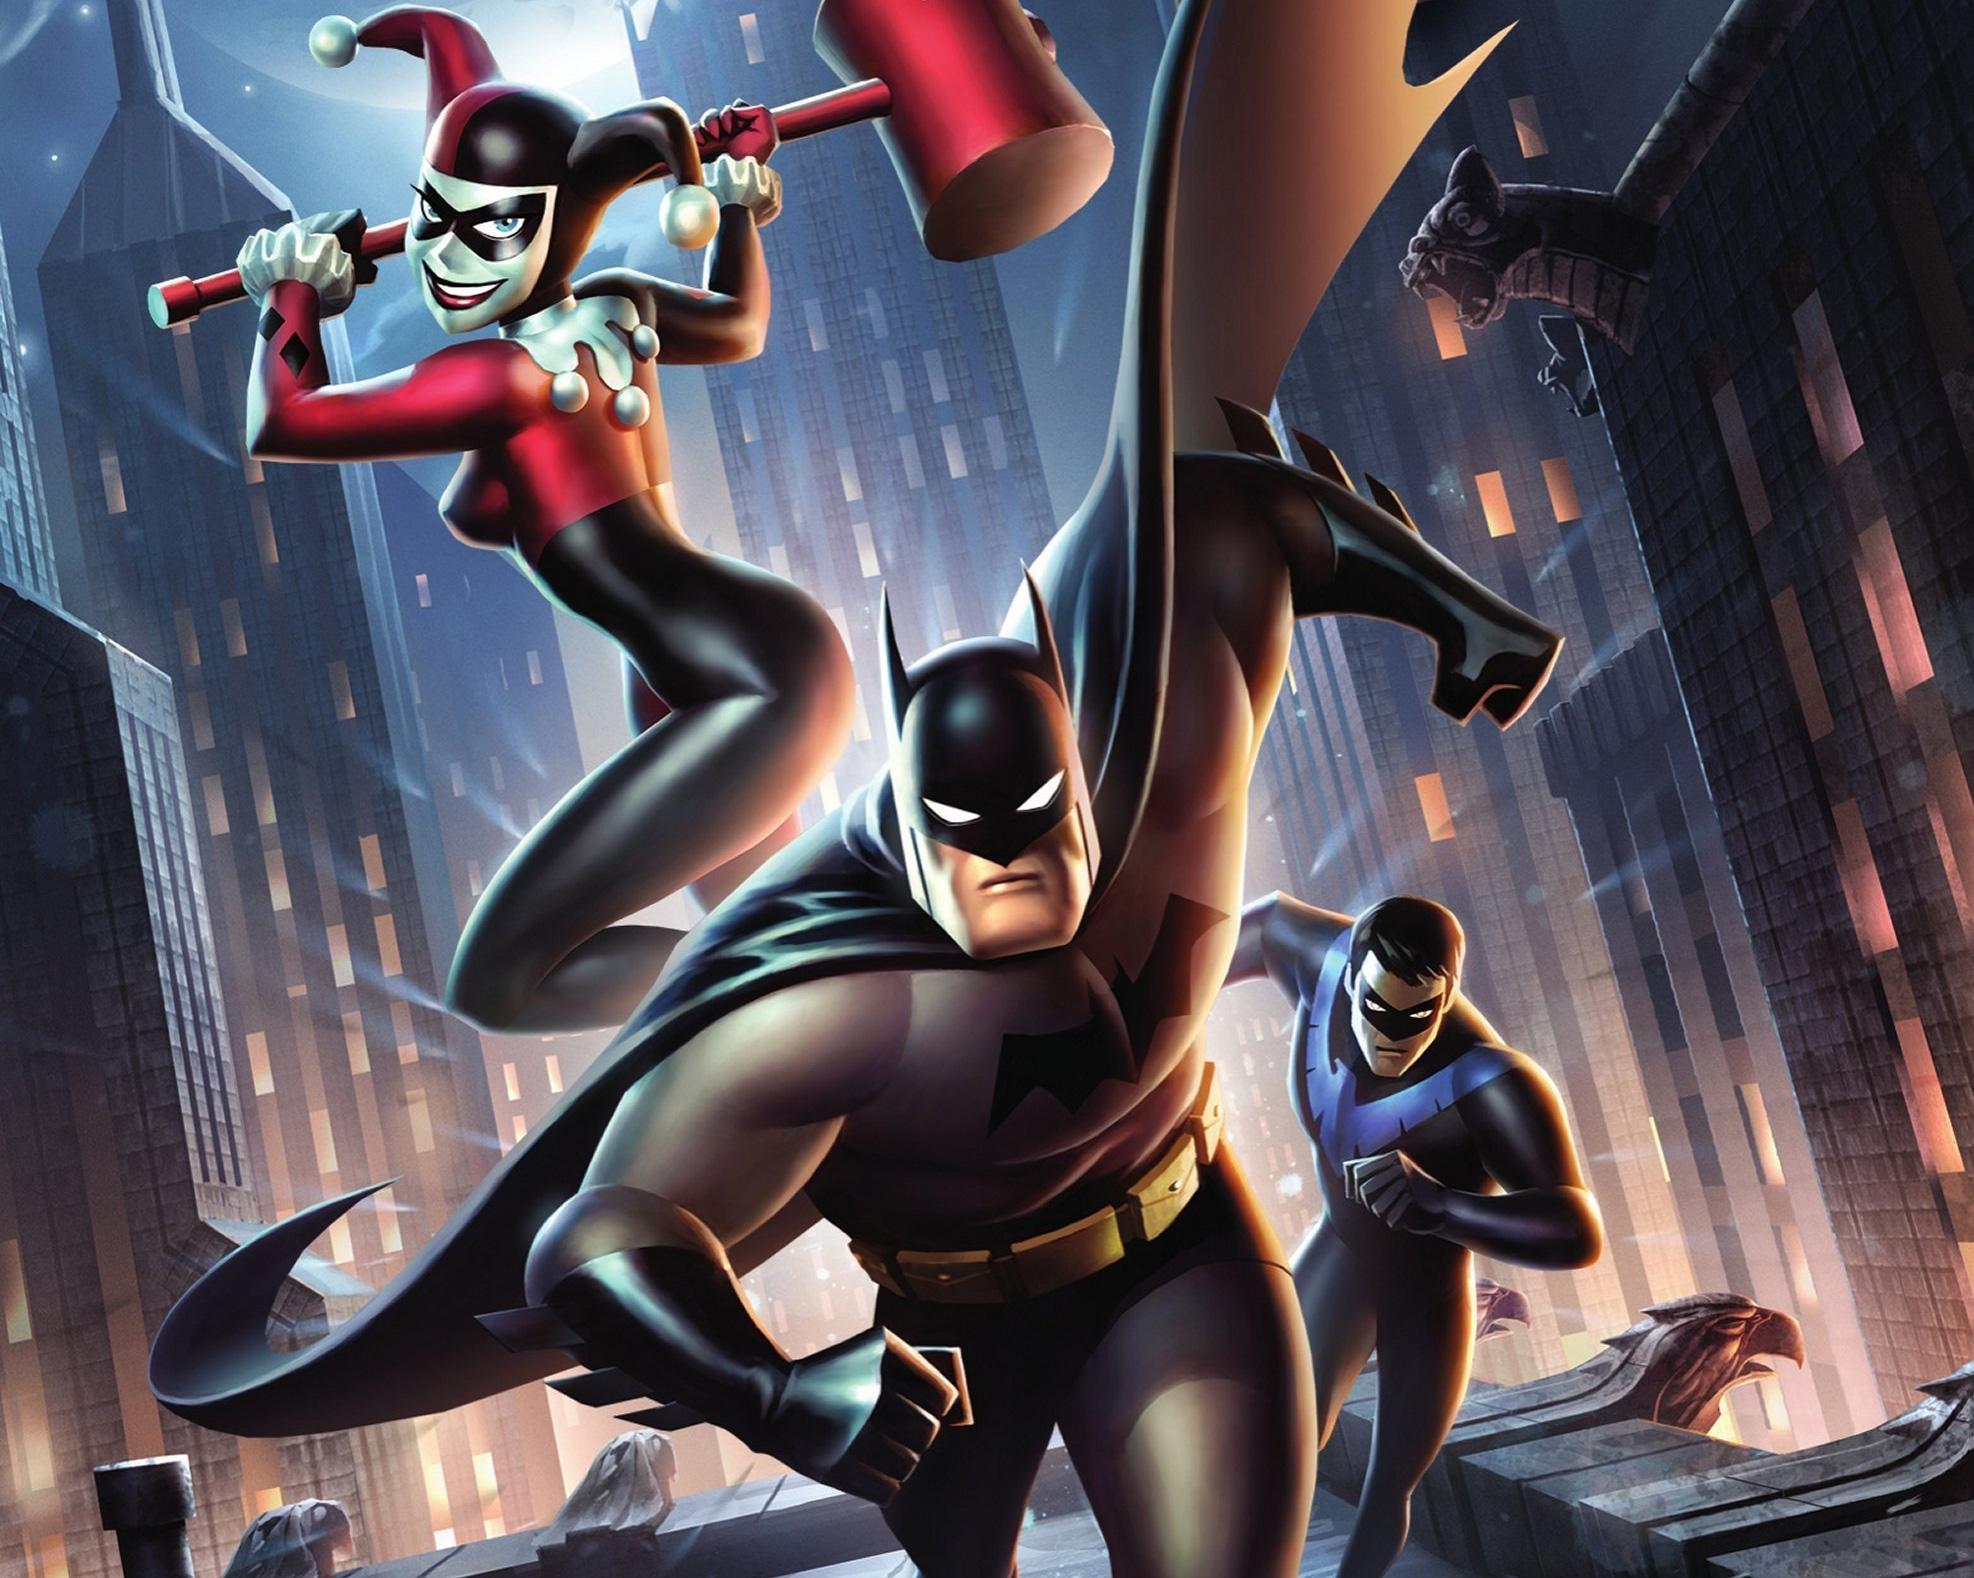 Top Wallpaper Movie Harley Quinn - batman-and-harley-quinn-sci-fi-movie-poster_58362_1974x1578  HD_628957.jpg